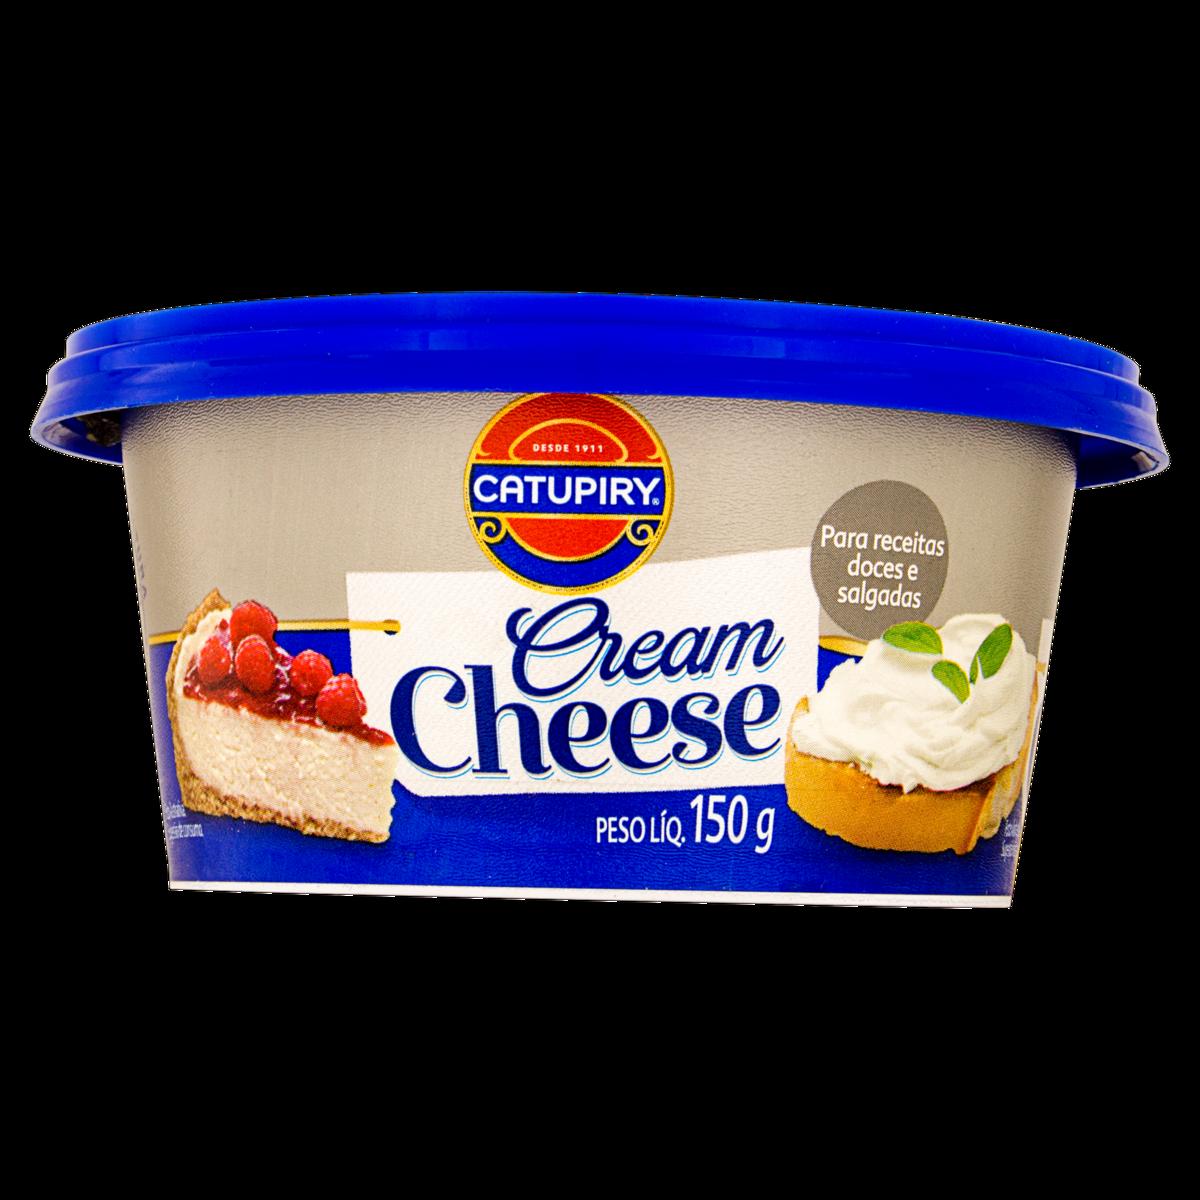 imagem de Cream Cheese Catupiry 150g